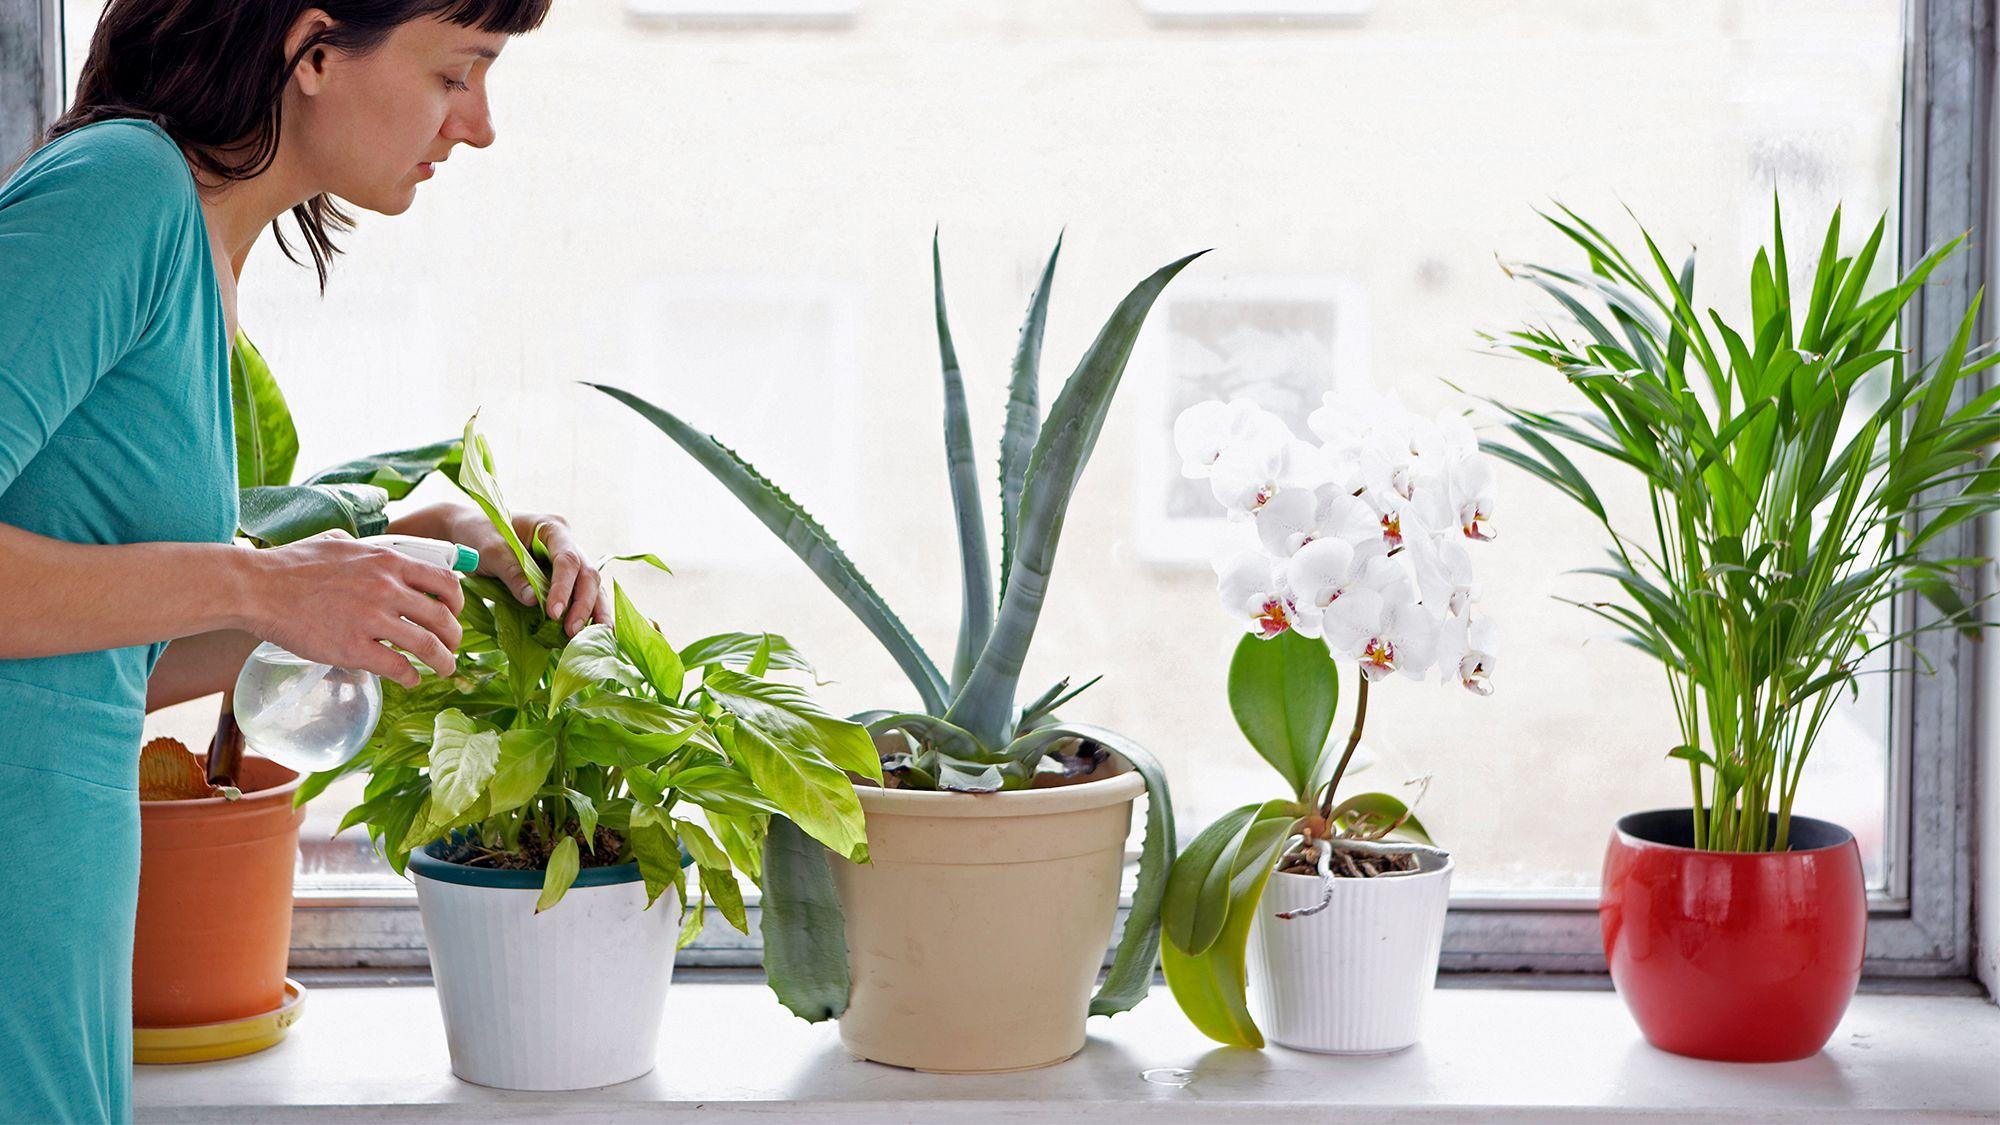 Bagnare Piante Con Bottiglie come innaffiare le piante quando sei in vacanza | bigodino